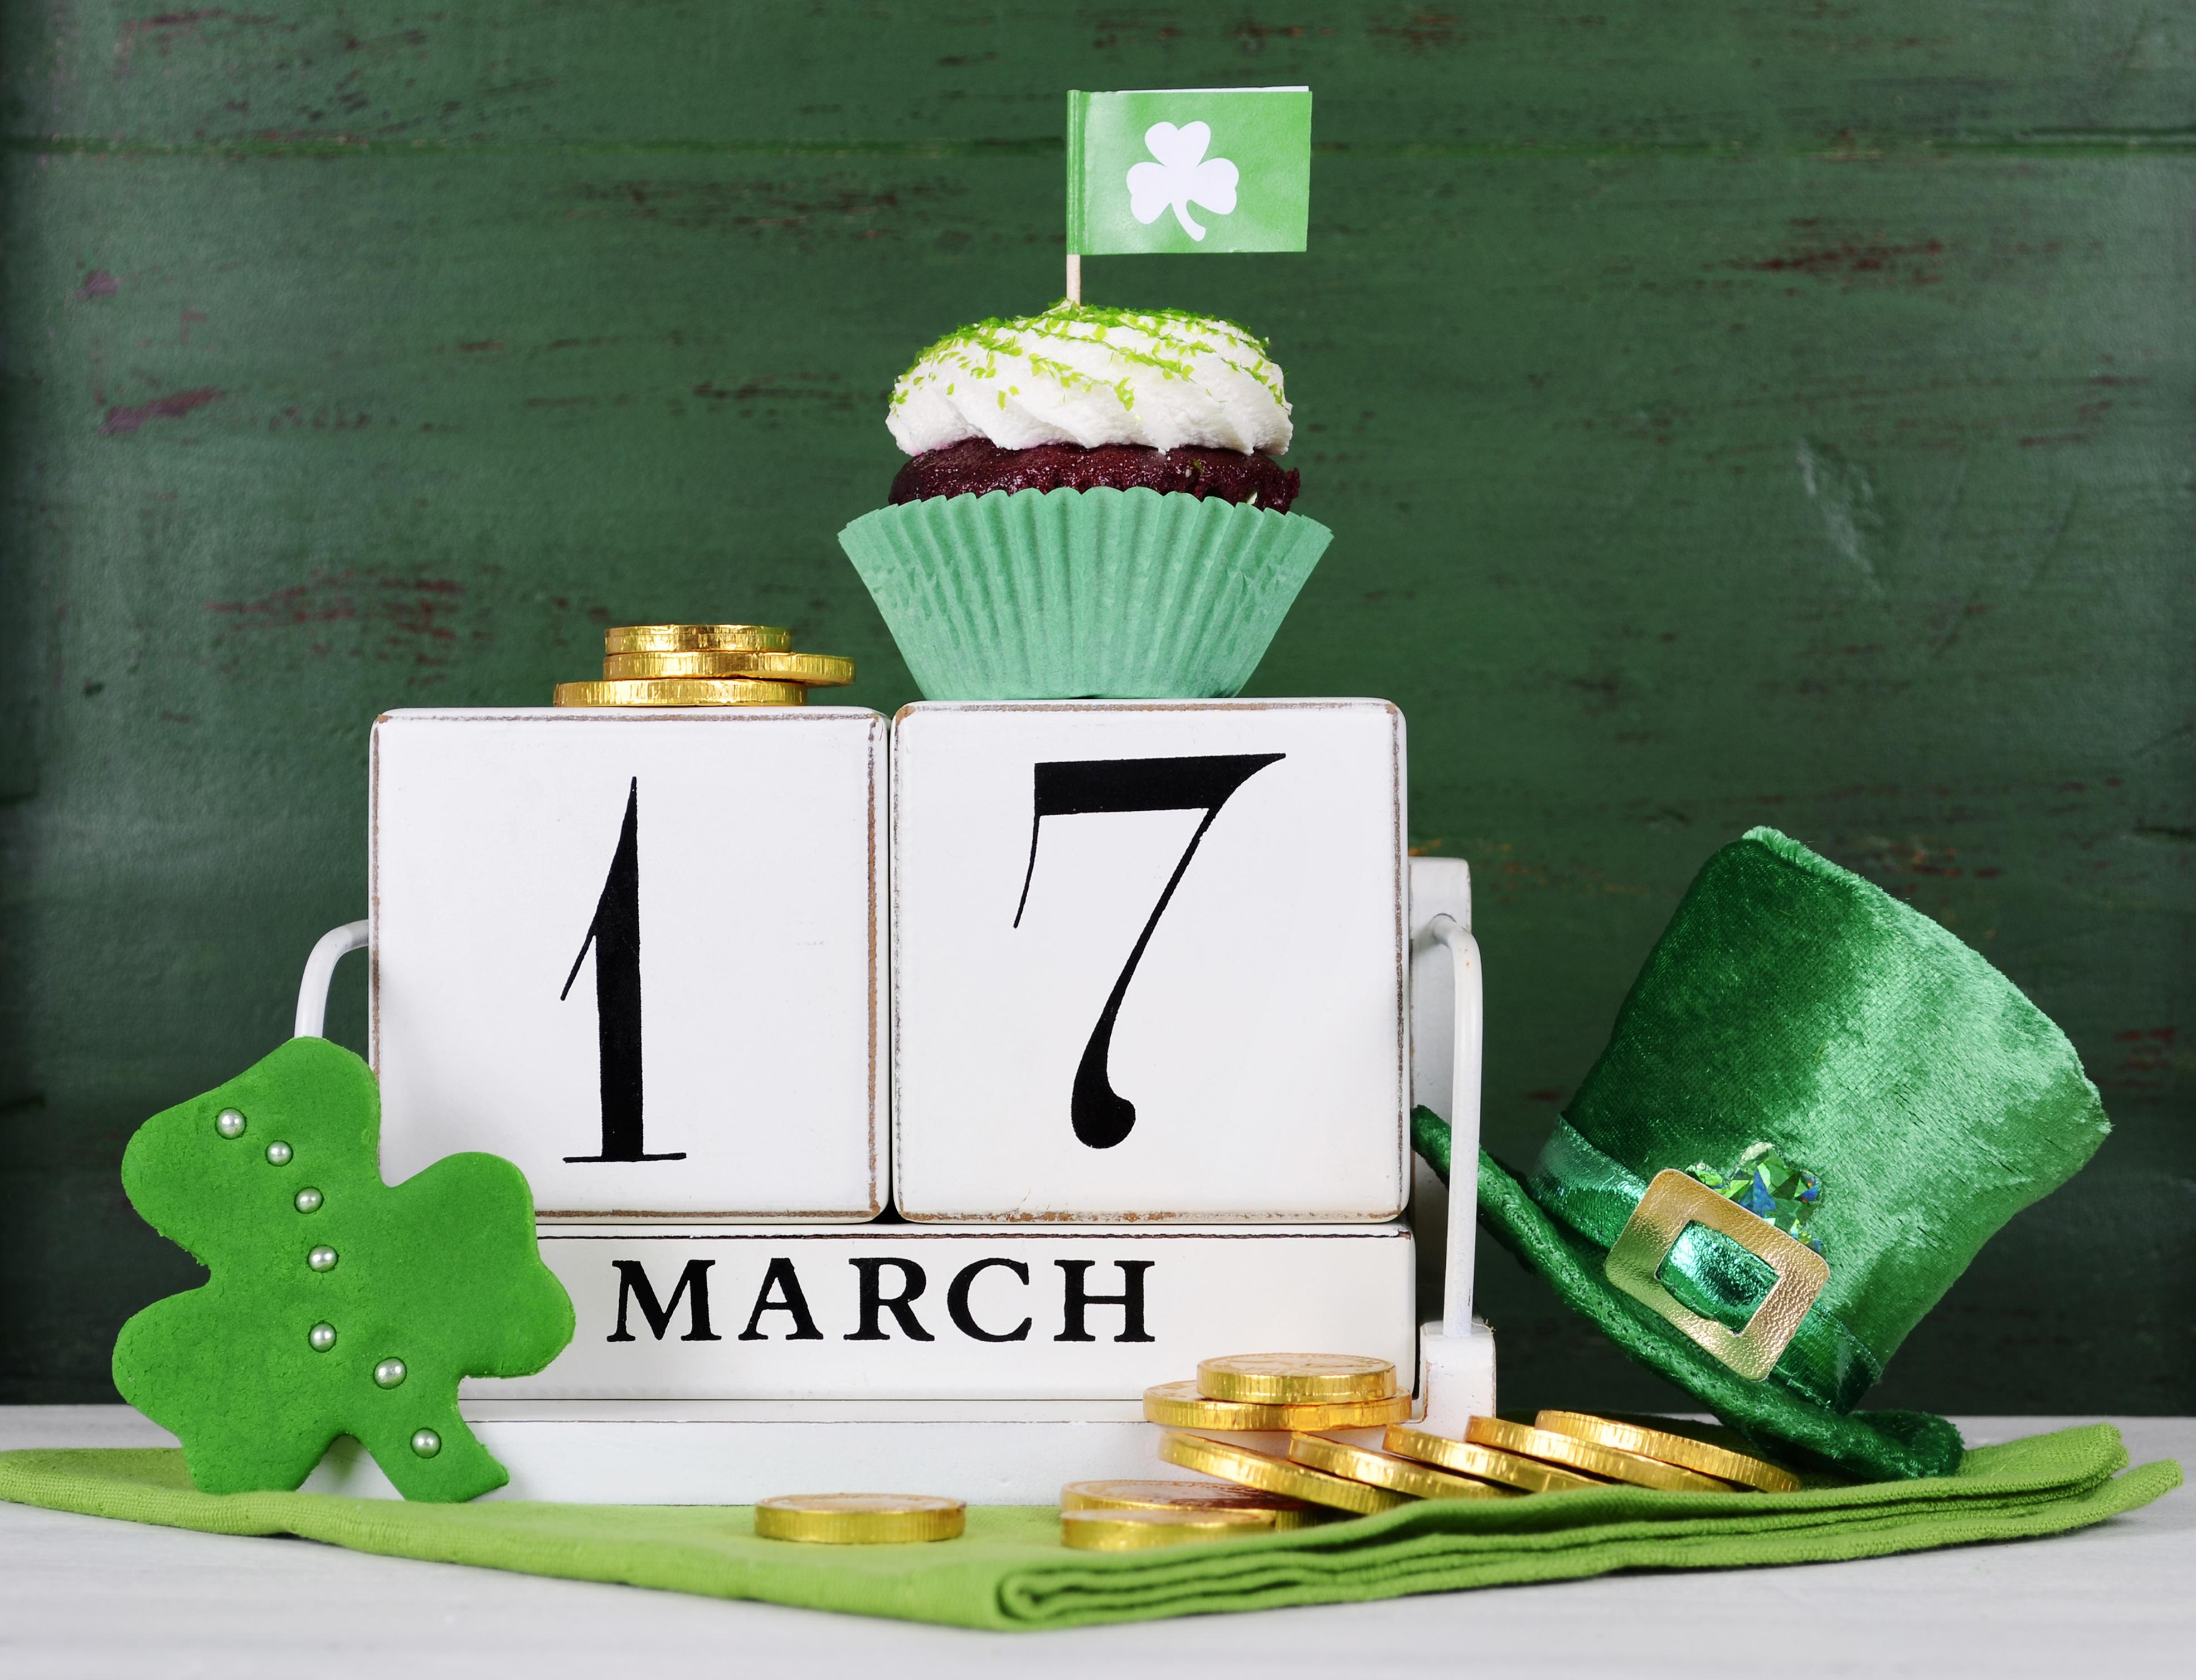 Celebra la fiesta más internacional de Irlanda, el día de San Patricio - Irlanda Circuito Irlanda Fantástica y Sur